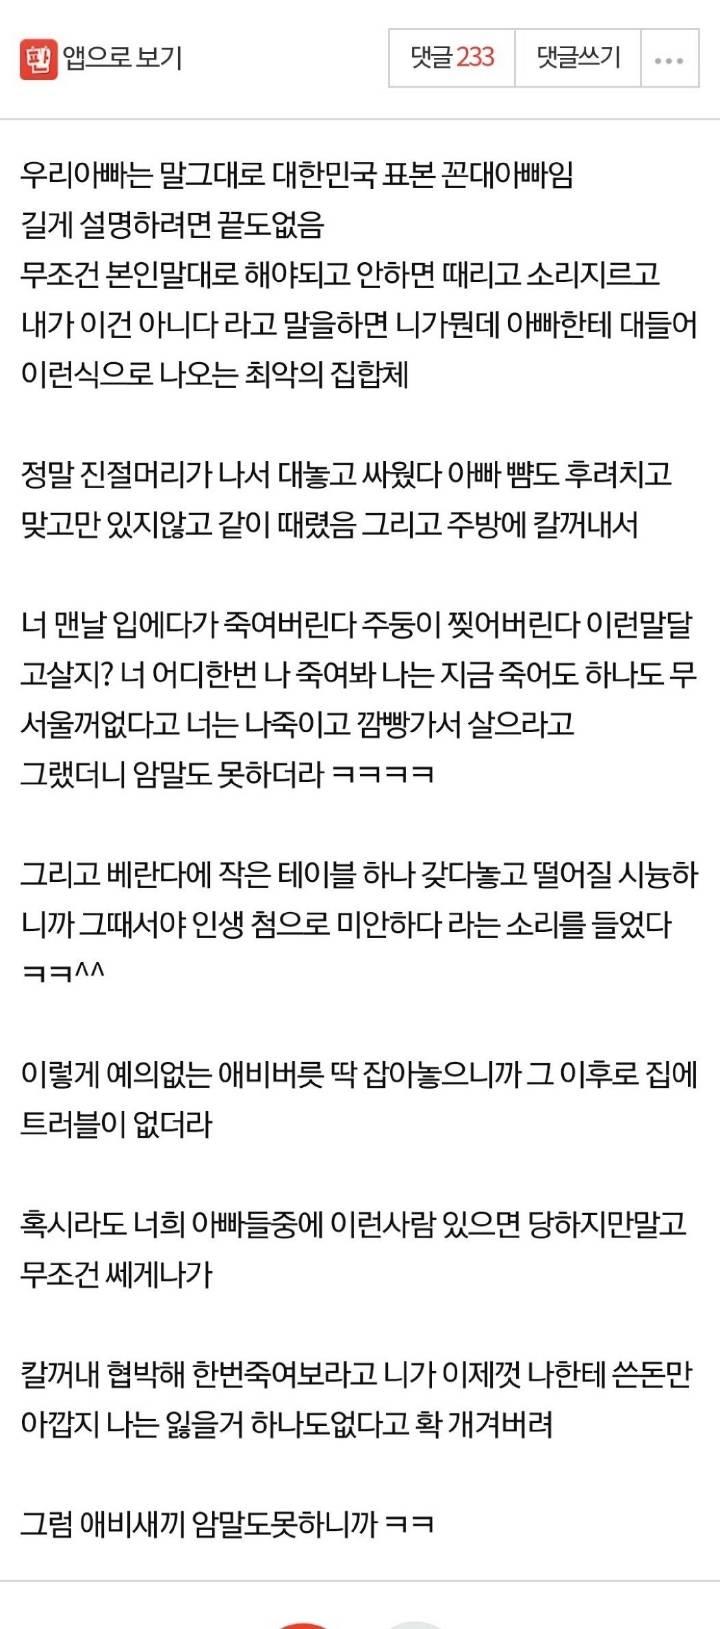 개꼰대 아빠새끼 버릇 싹 고쳐놨다 | 인스티즈